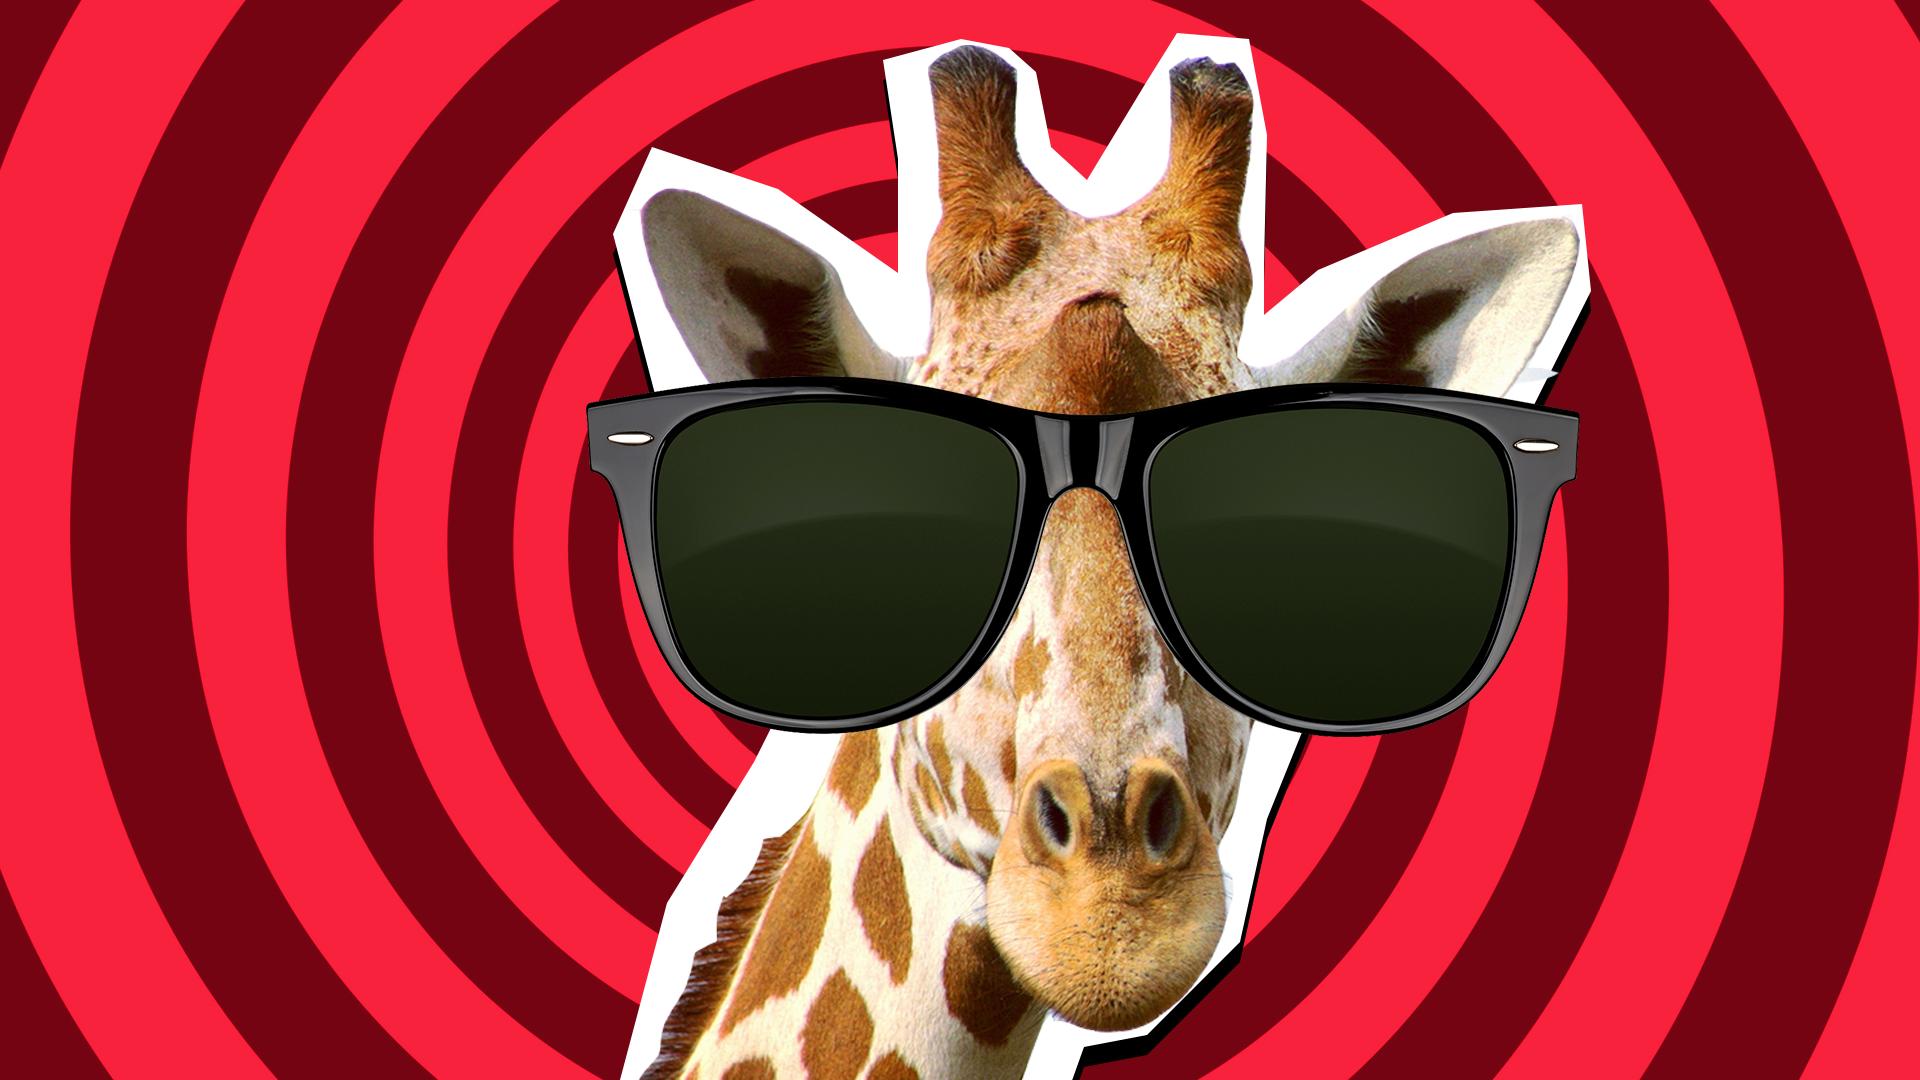 Giraffe wearing sunglasses